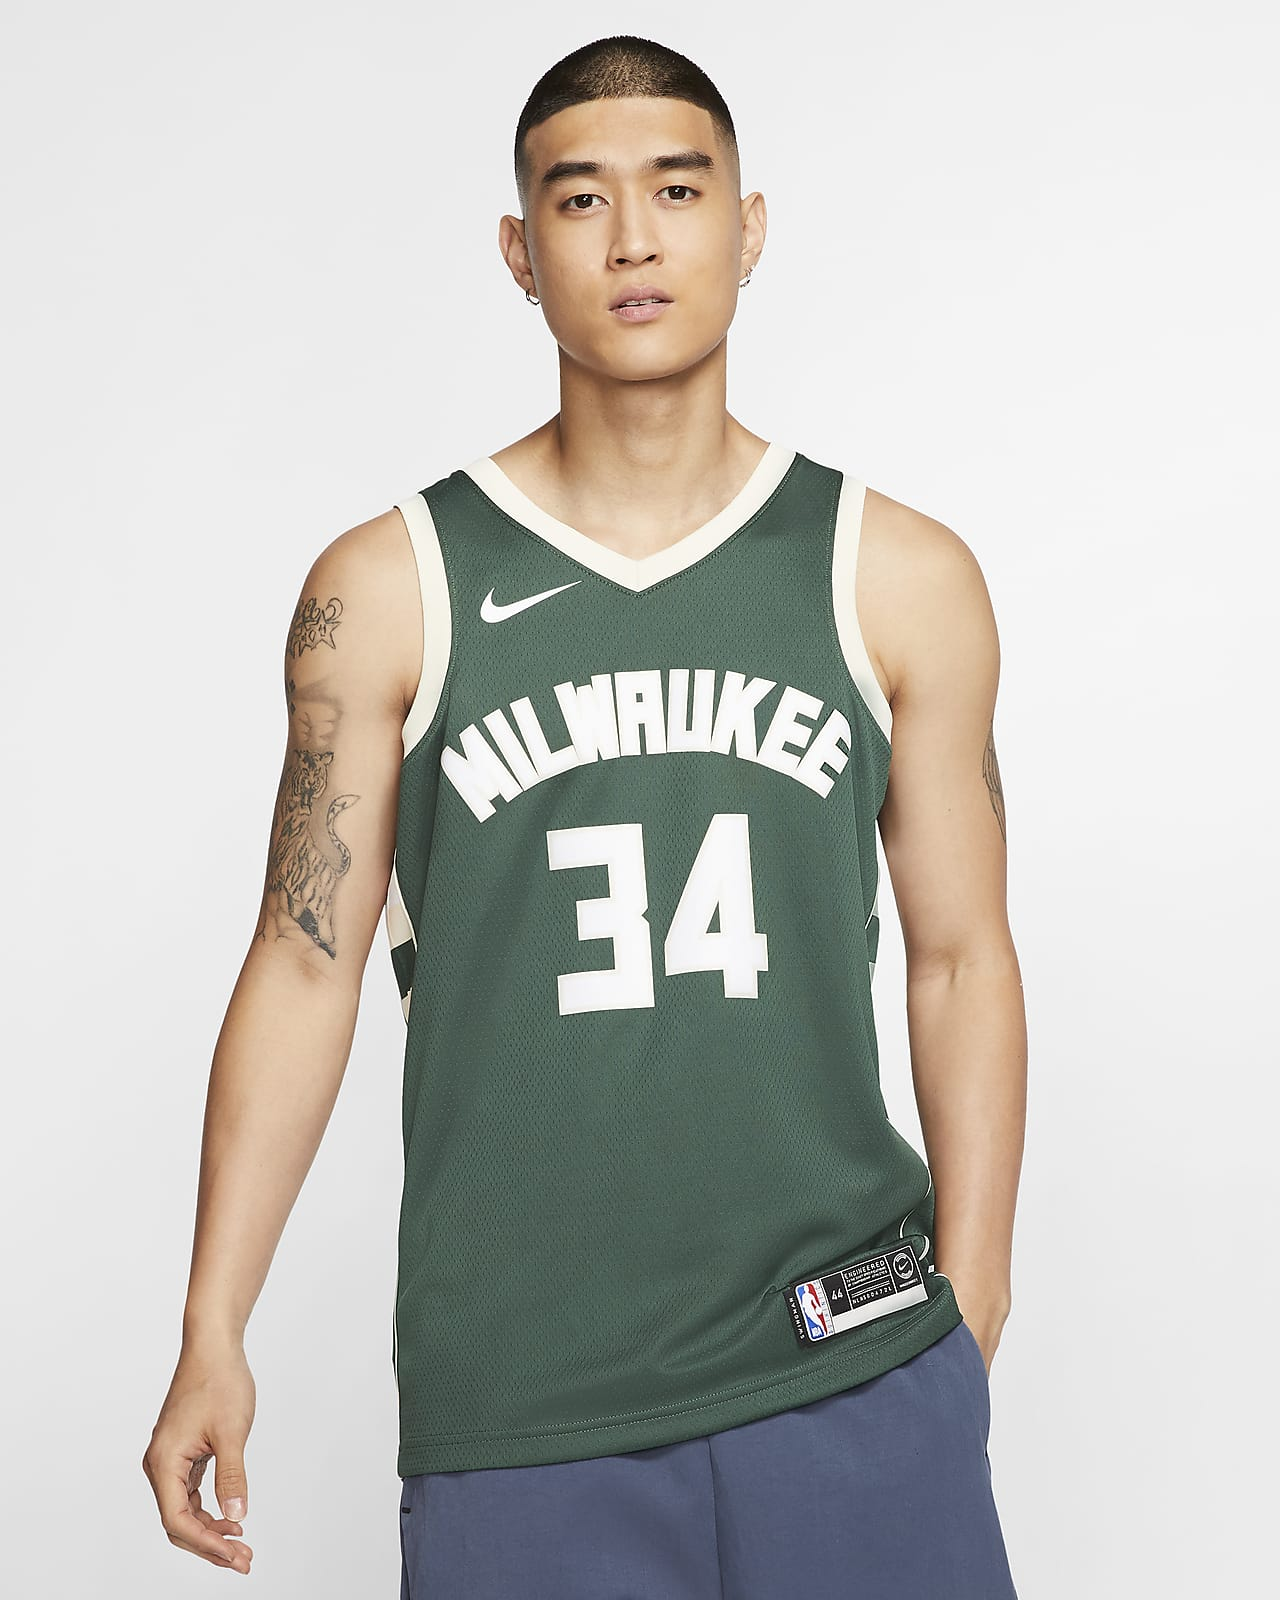 เสื้อแข่ง Nike NBA Swingman ผู้ชาย Giannis Antetokounmpo Bucks Icon Edition